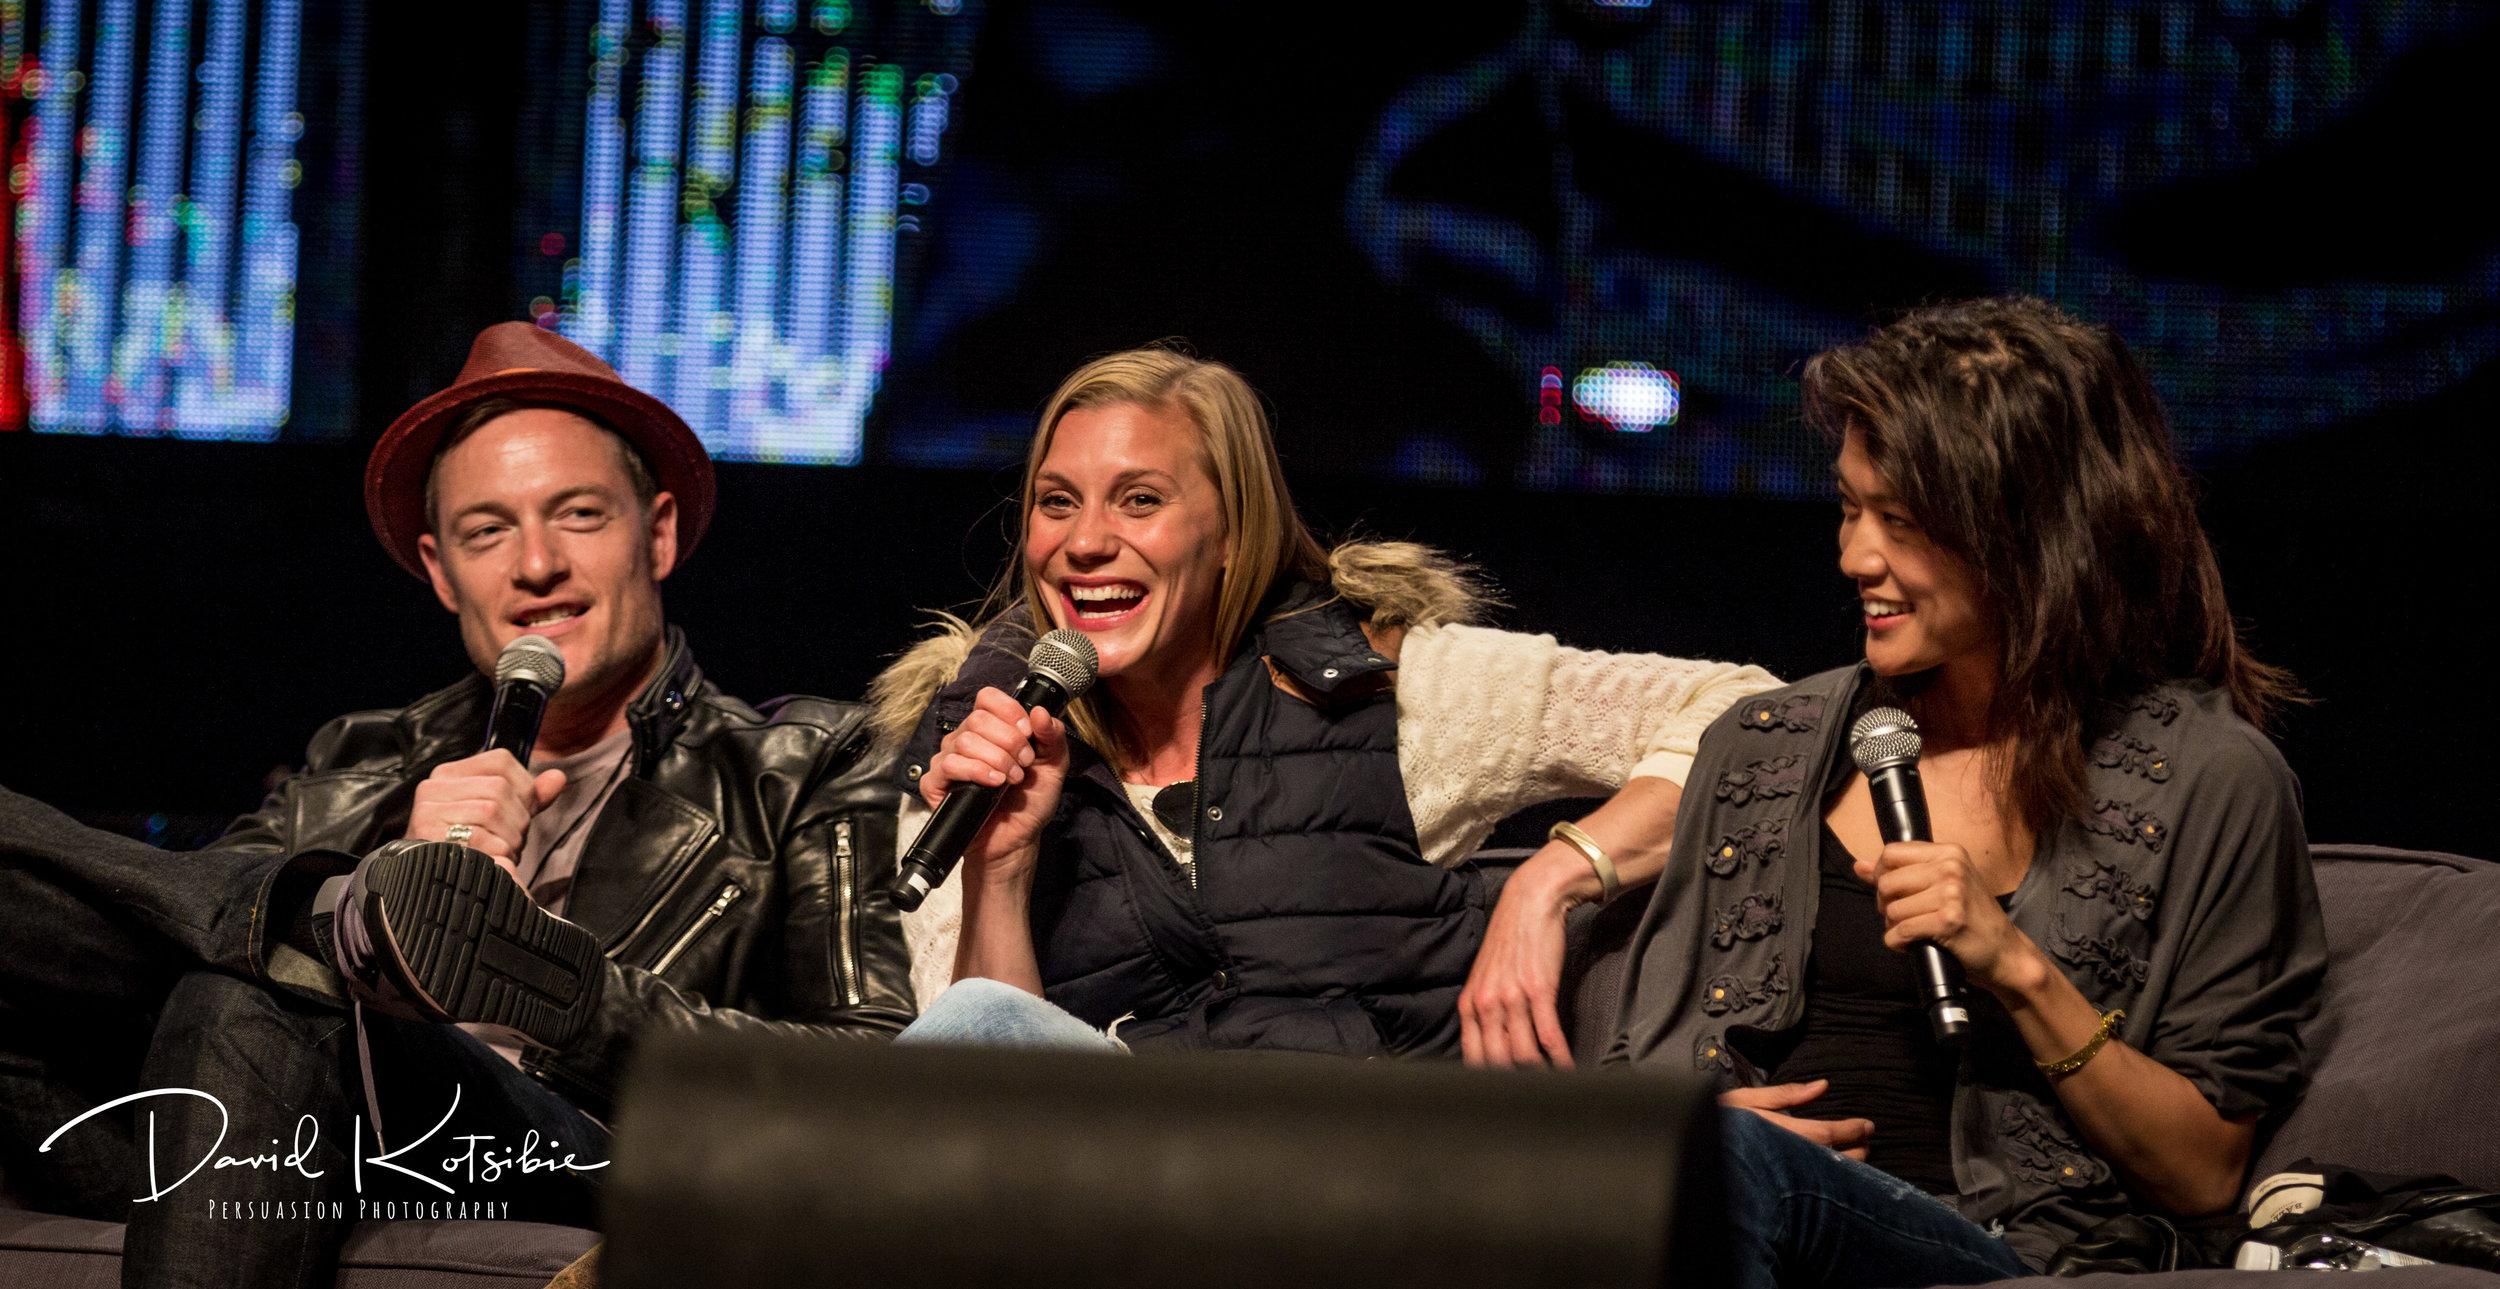 Calgary Comic & Entertainment Expo - Battlestar Galactica Forum